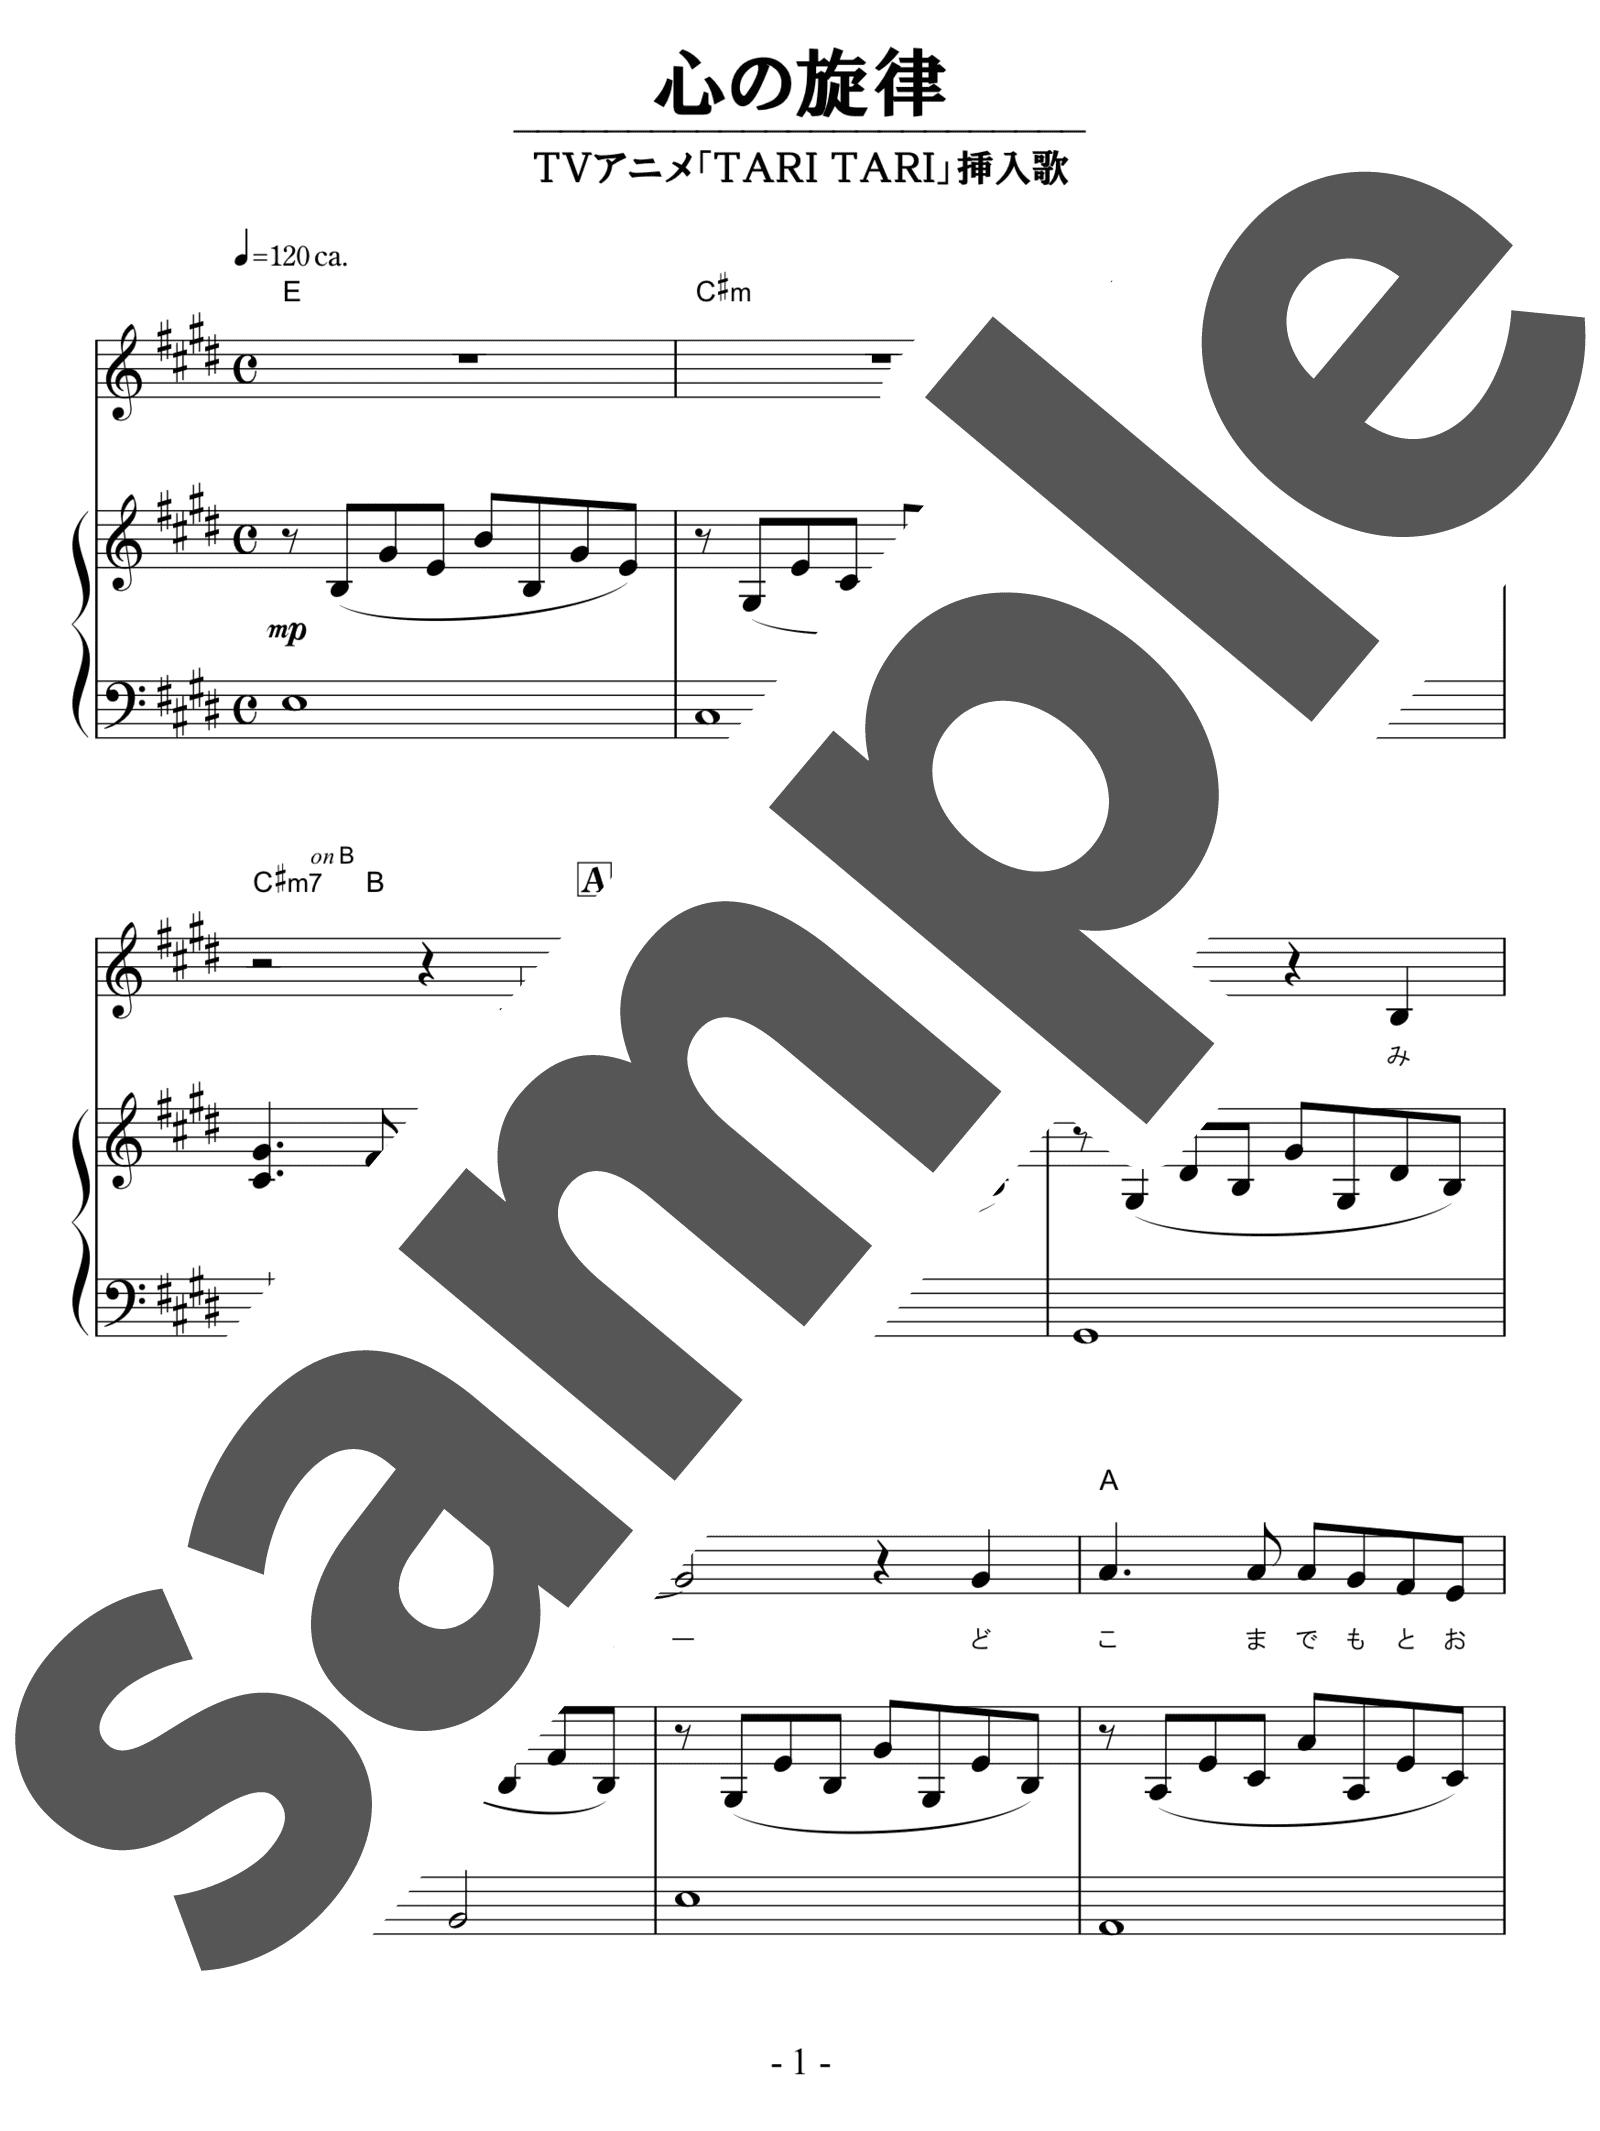 「心の旋律」のサンプル楽譜